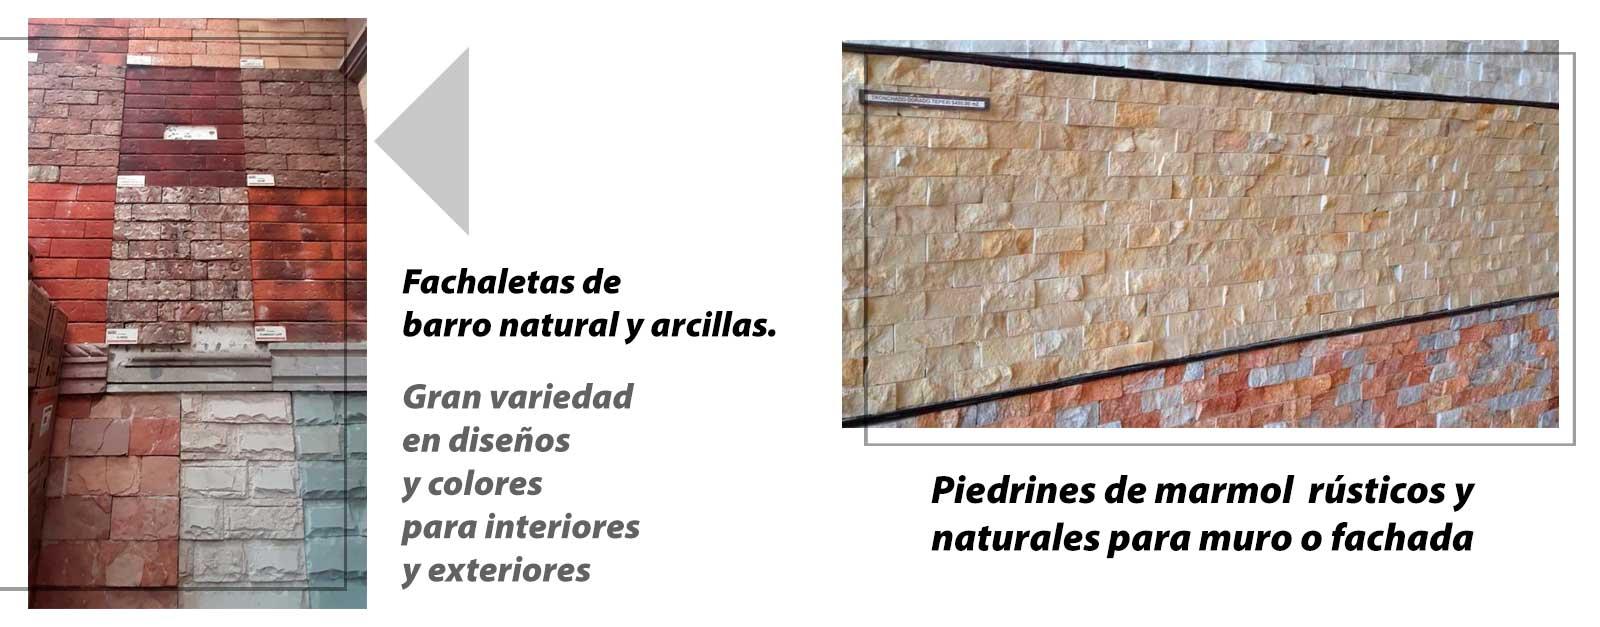 Fachaletas y ìedrines para vinteriores y exteriores